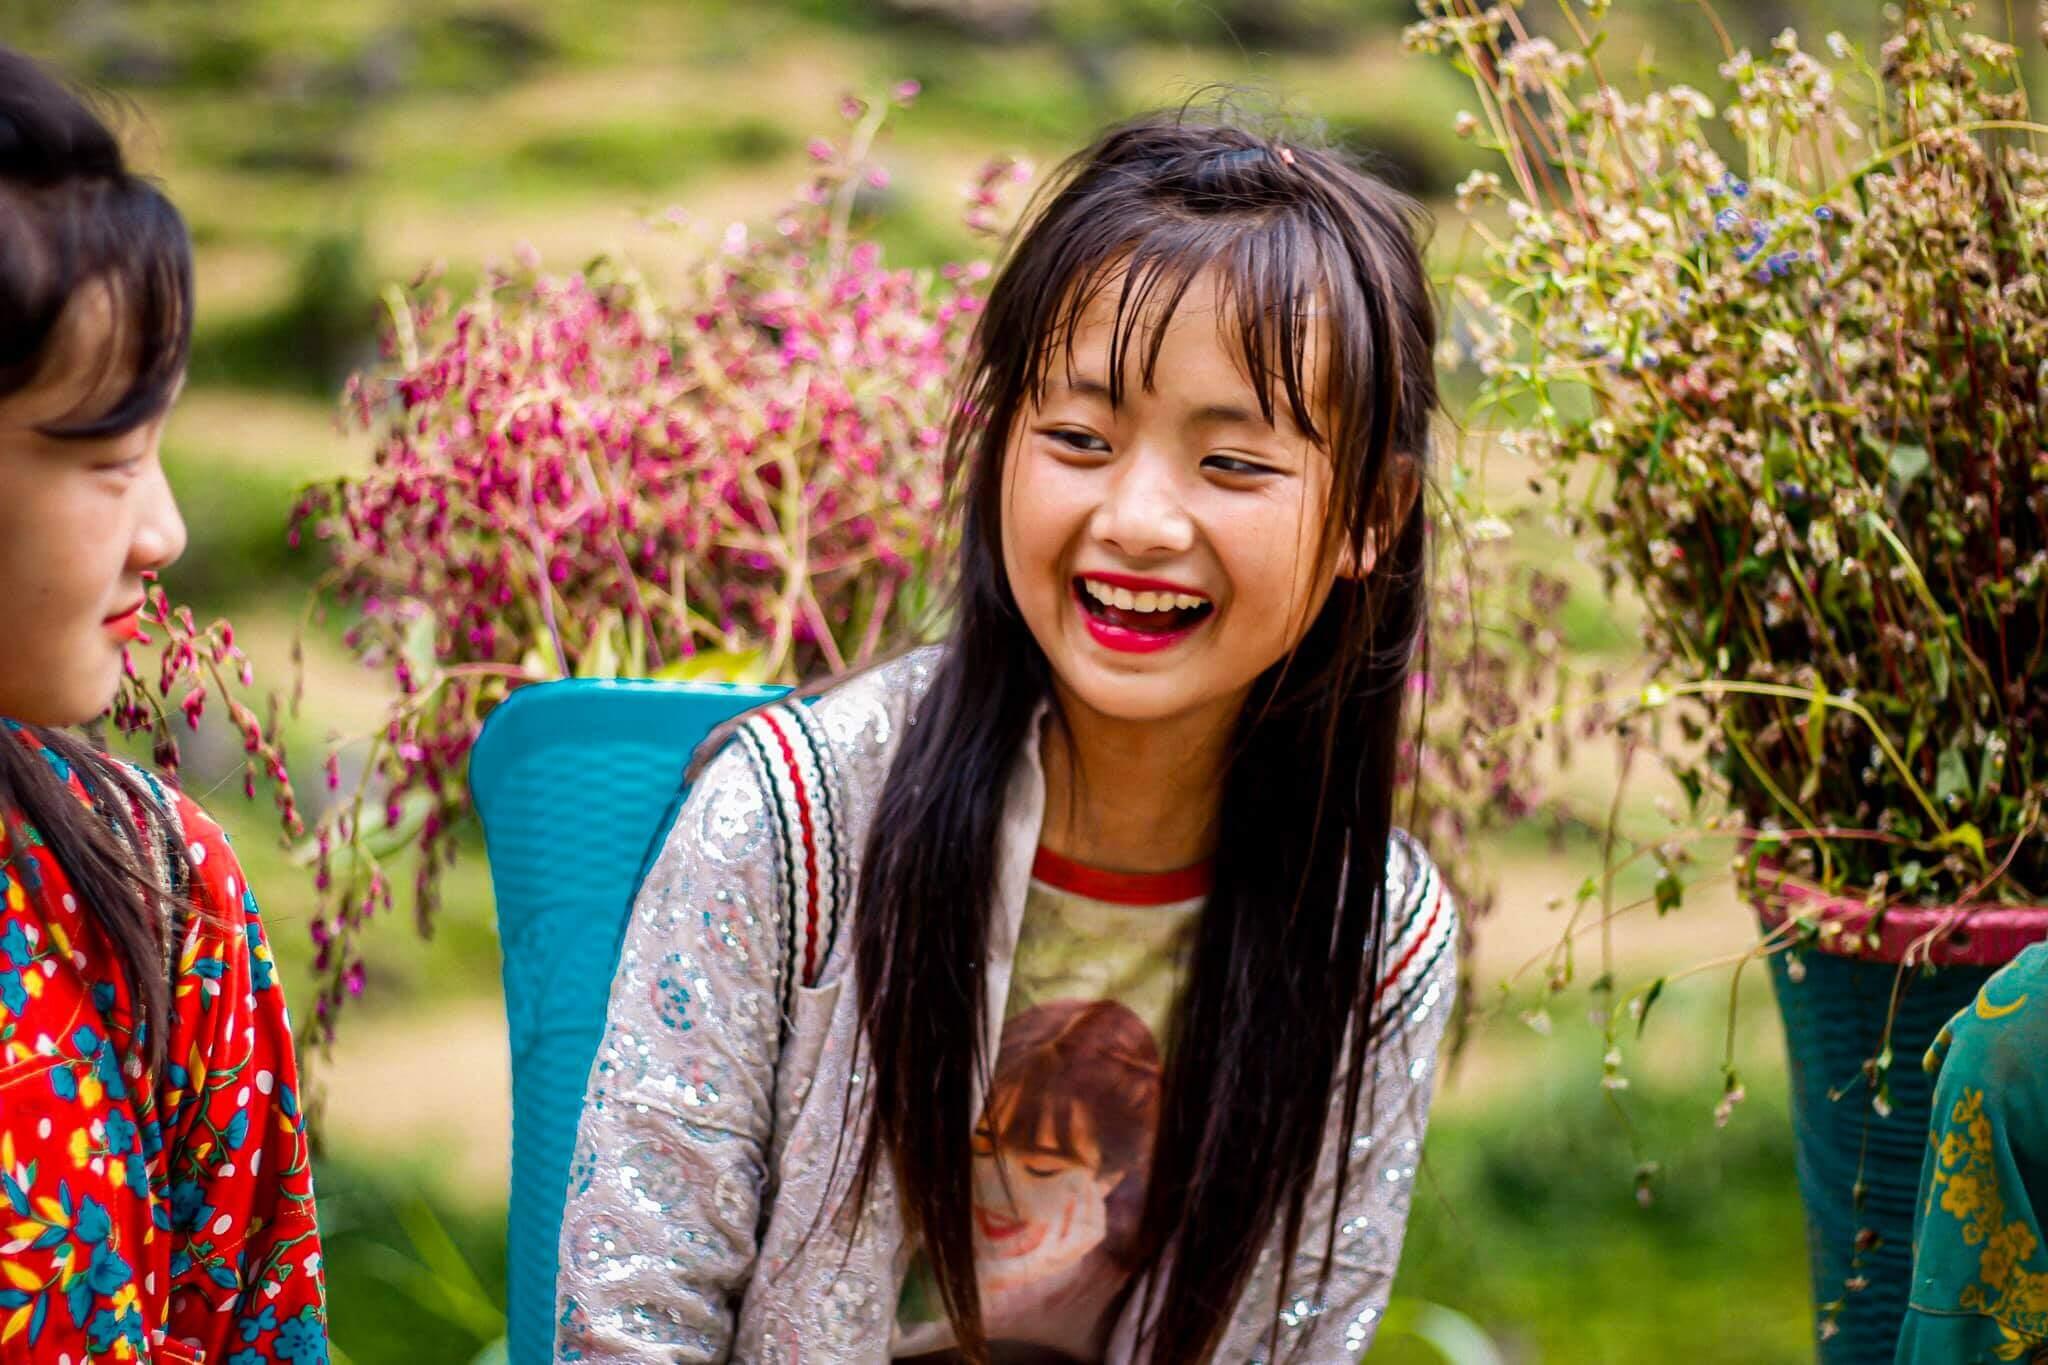 Cô bé bán hoa dốc Thẩm Mã (Ảnh: Phan Nhi Nhi)